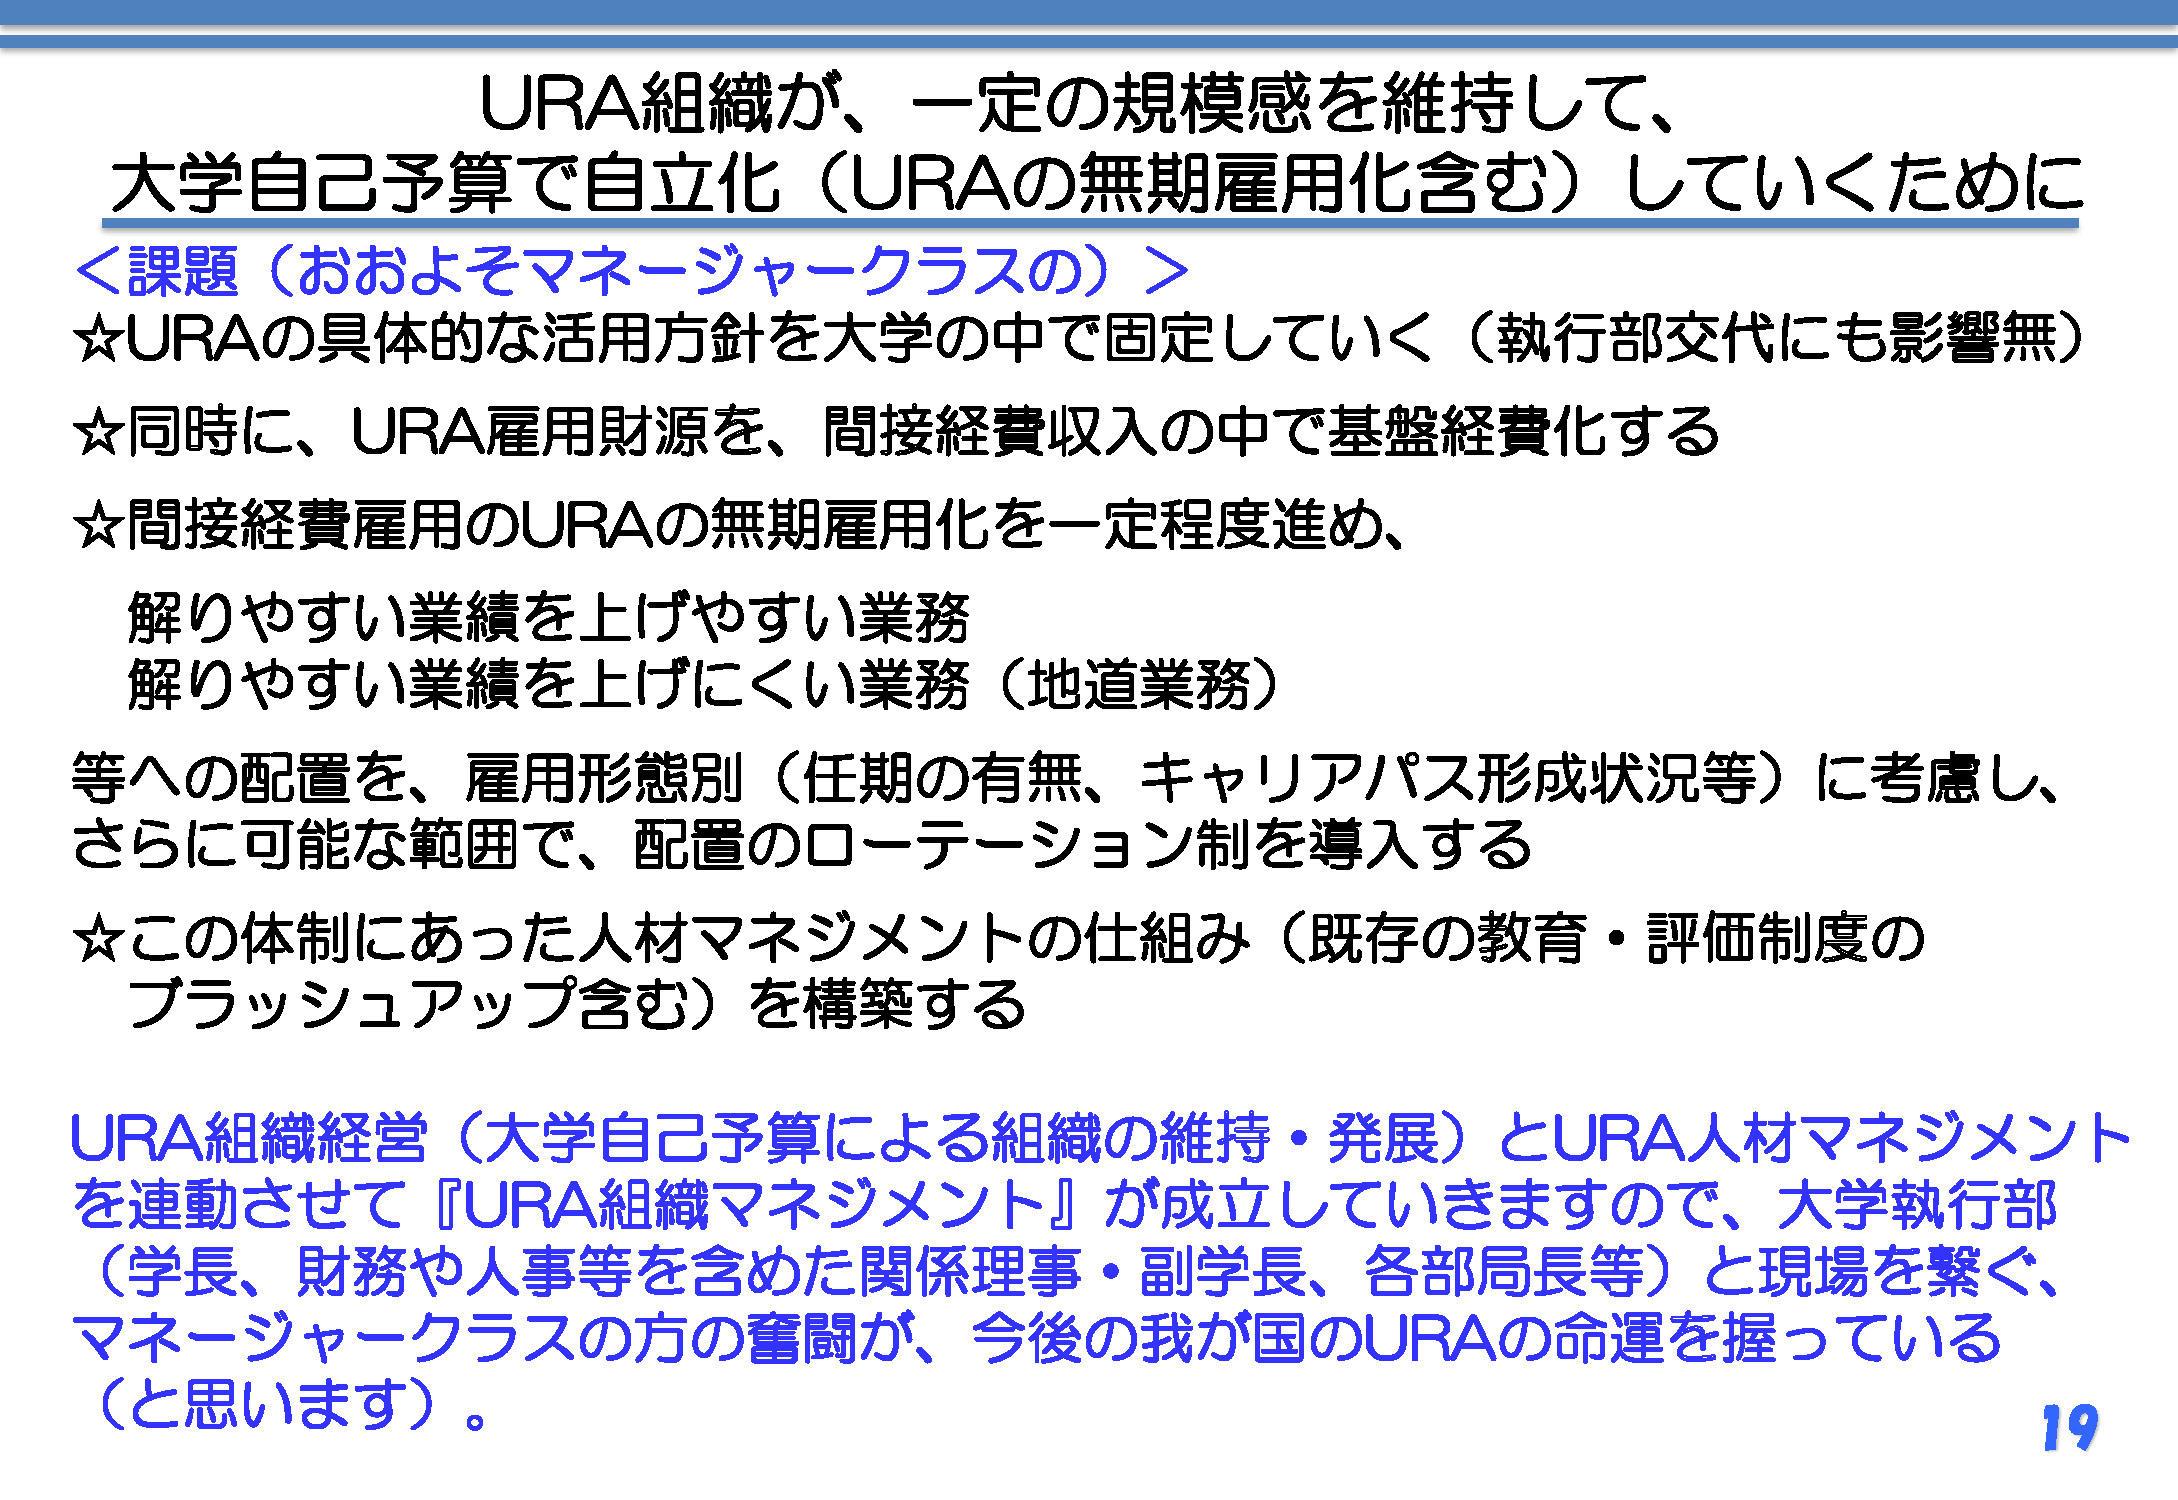 杉原氏講演資料7